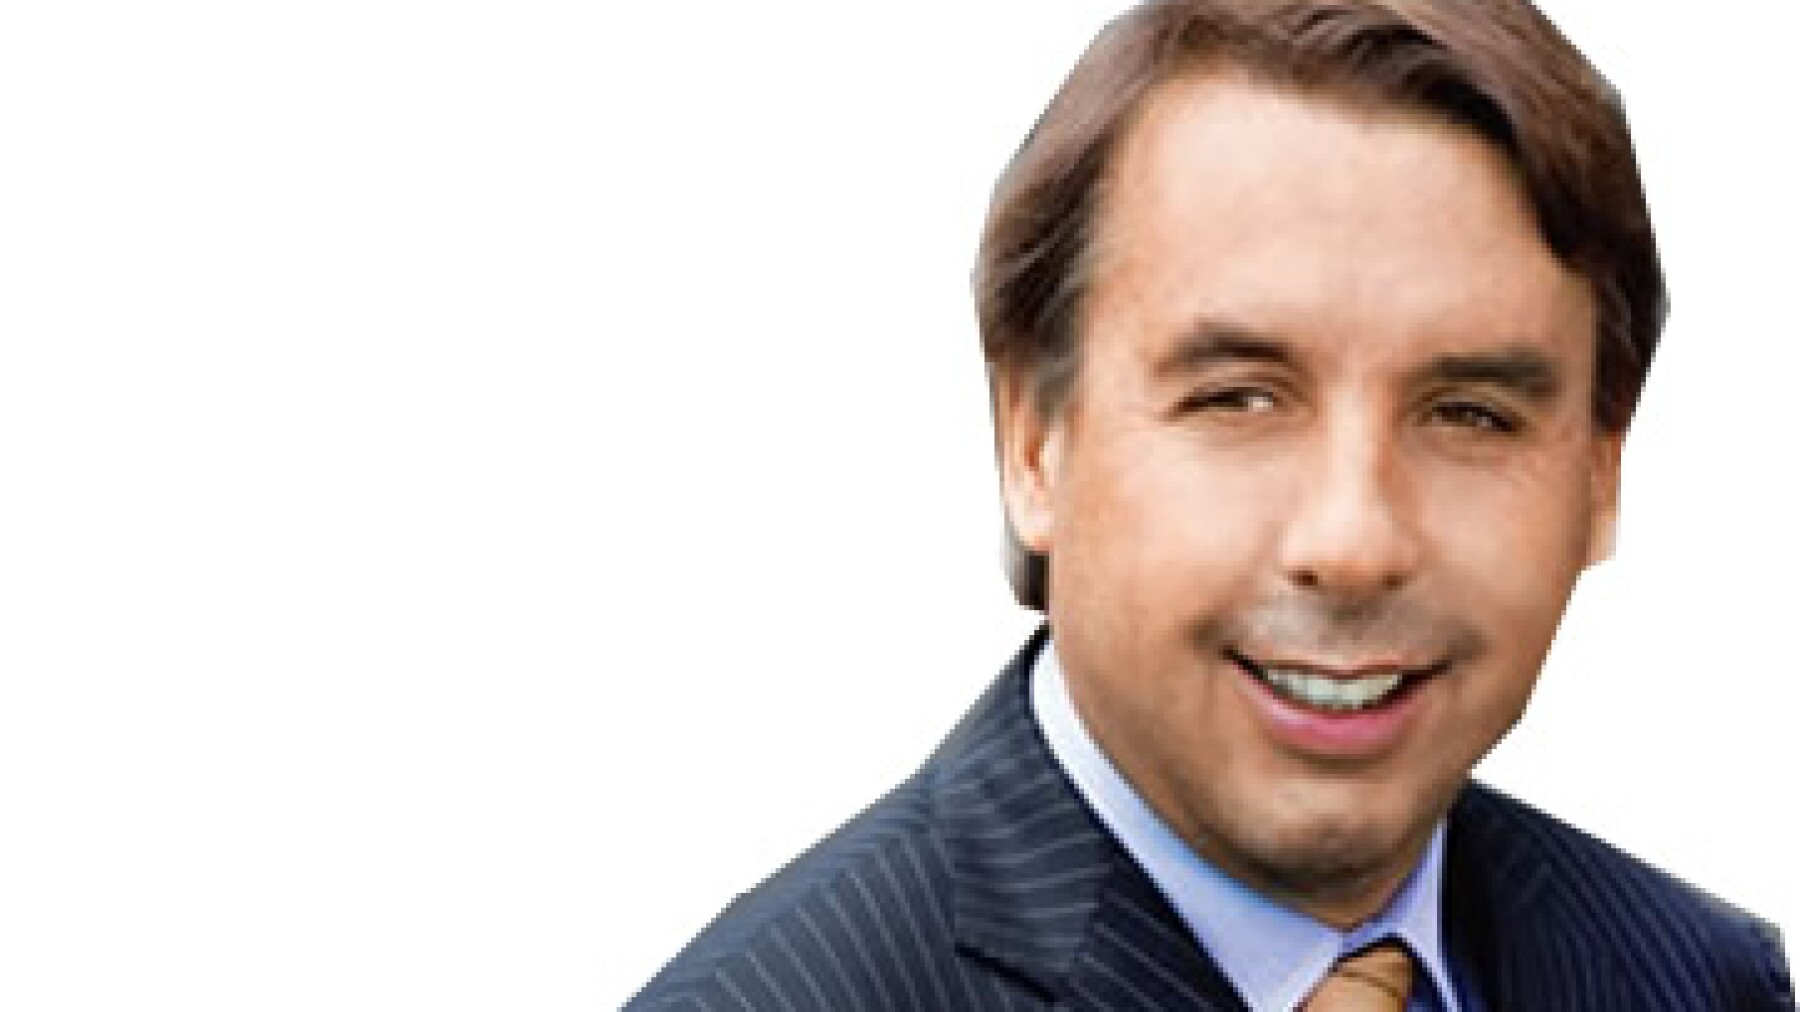 Emilio Azcárraga subió dos posiciones en el listado de Expansión. Las ventas de Televisa avanzaron 6.4% en el segundo trimestre de 2013. (Foto: Especial)